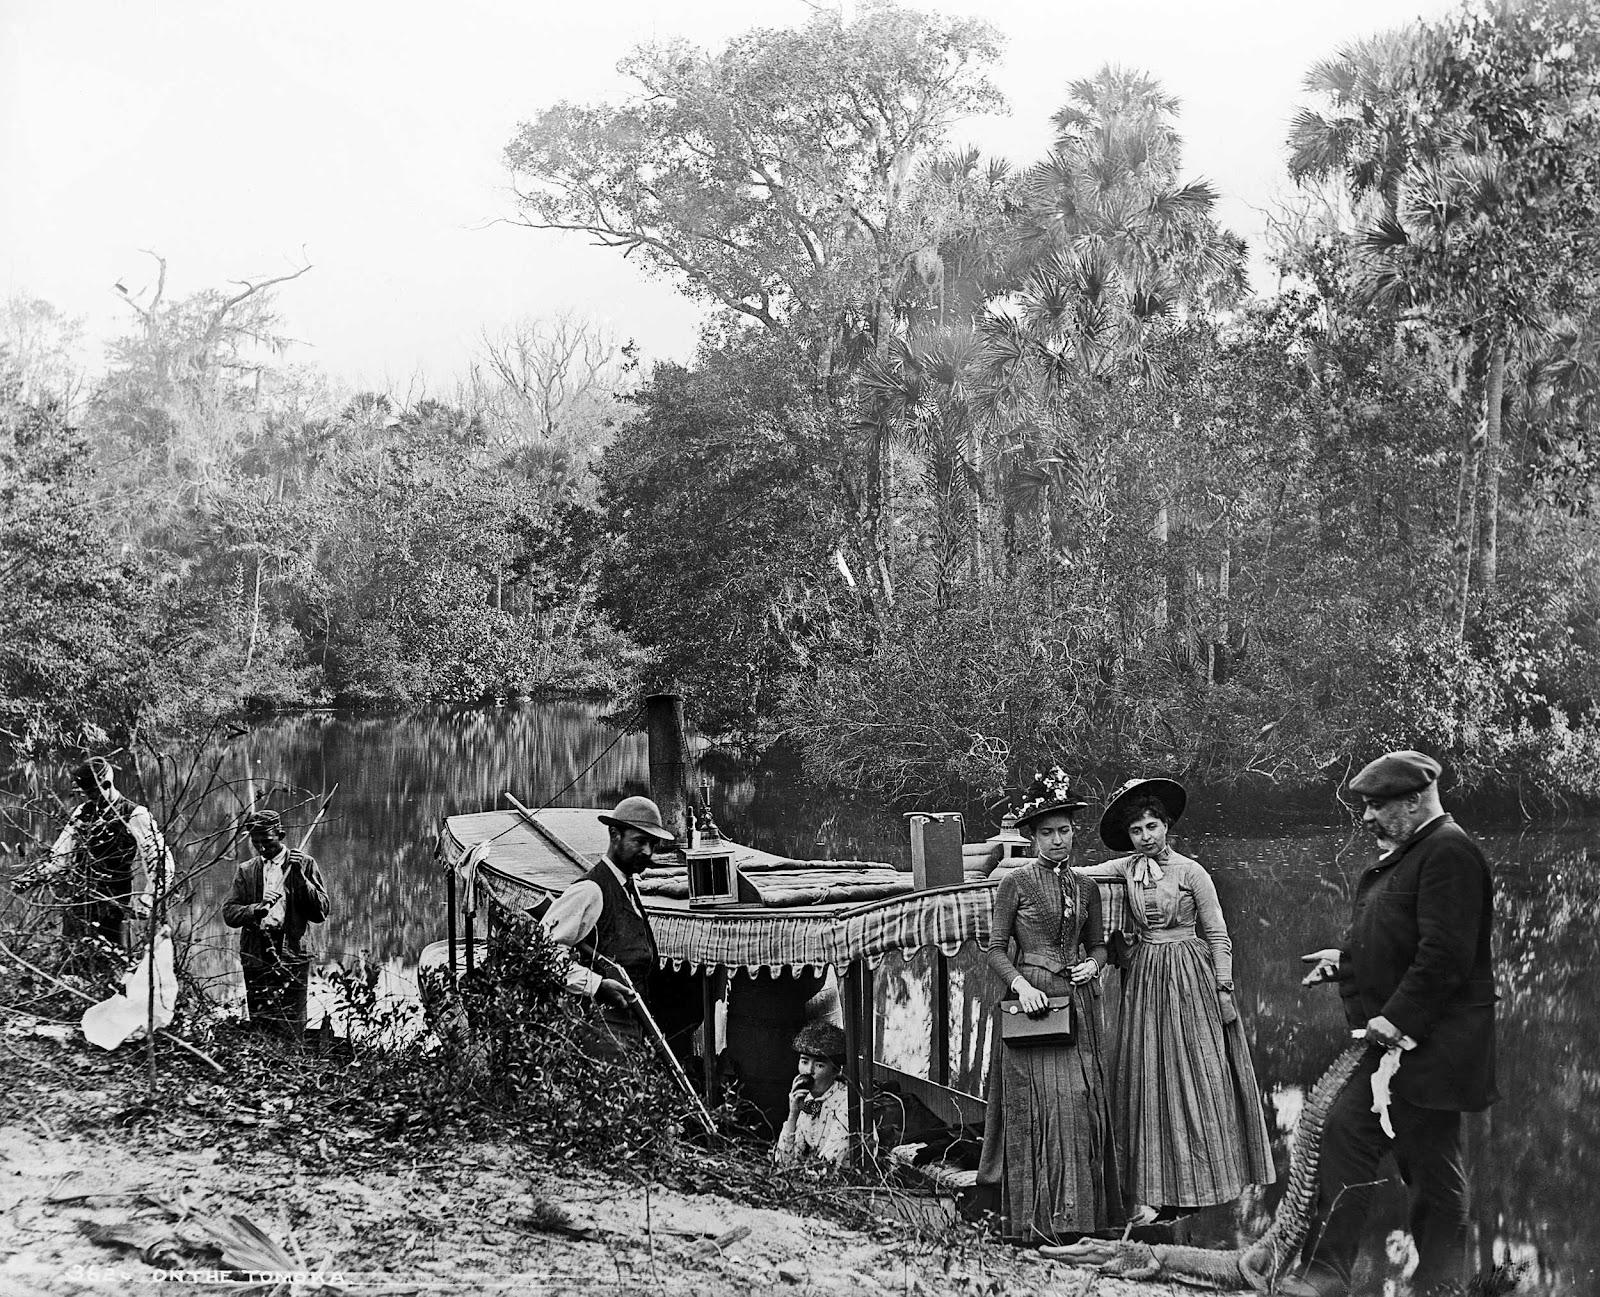 1892. Utazás a Tomoka folyó mentén, Floridában..jpg